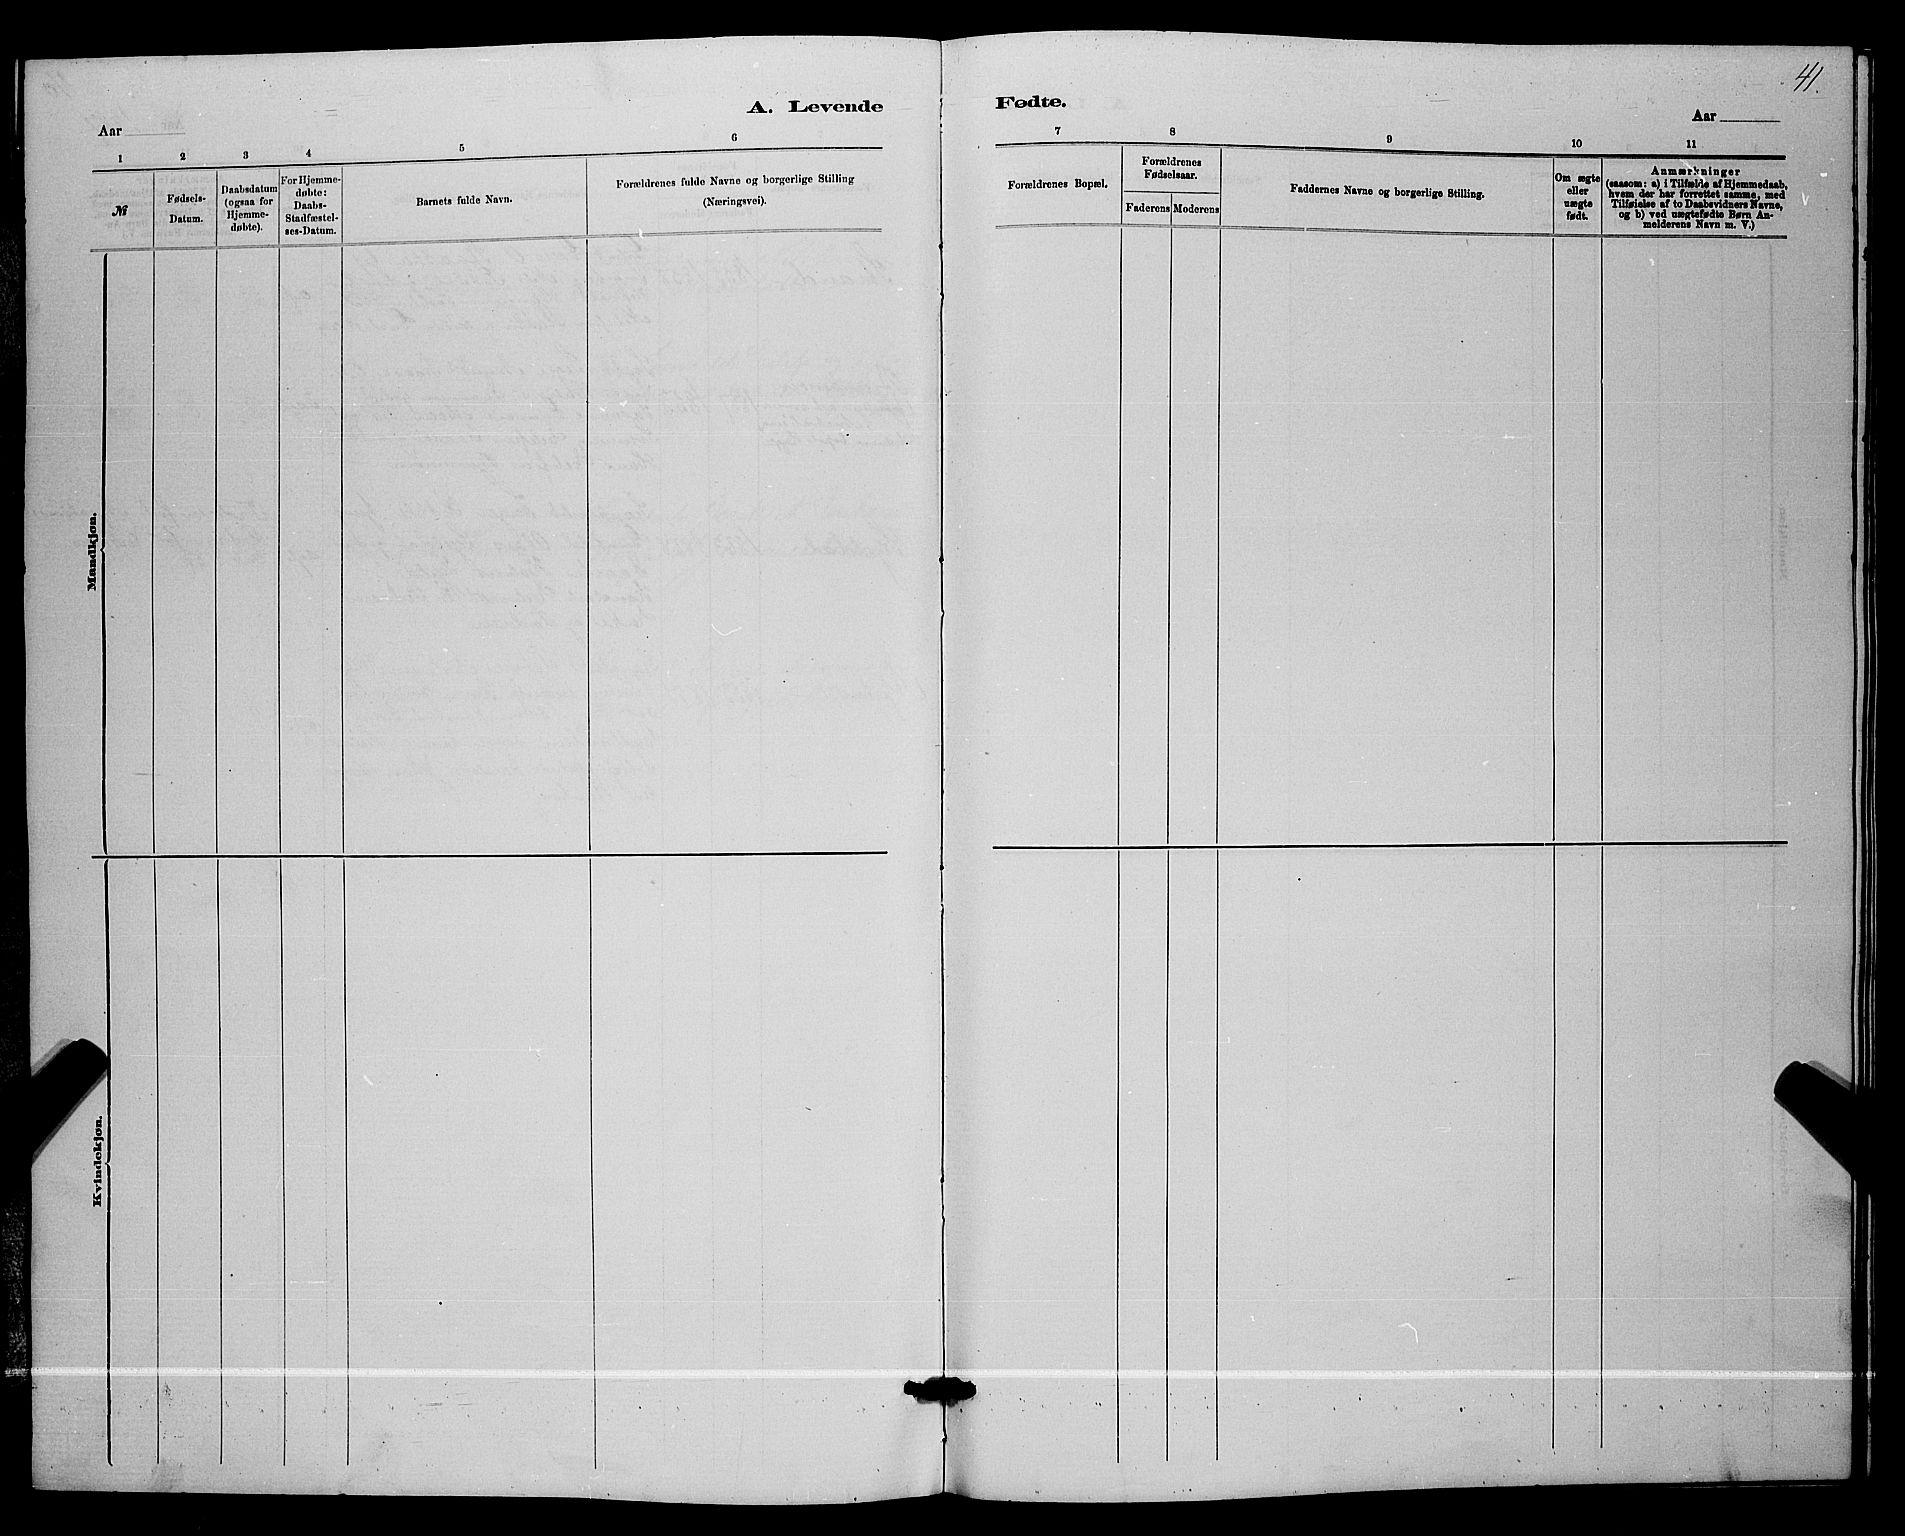 SAKO, Lunde kirkebøker, G/Ga/L0001b: Klokkerbok nr. I 1, 1879-1887, s. 41